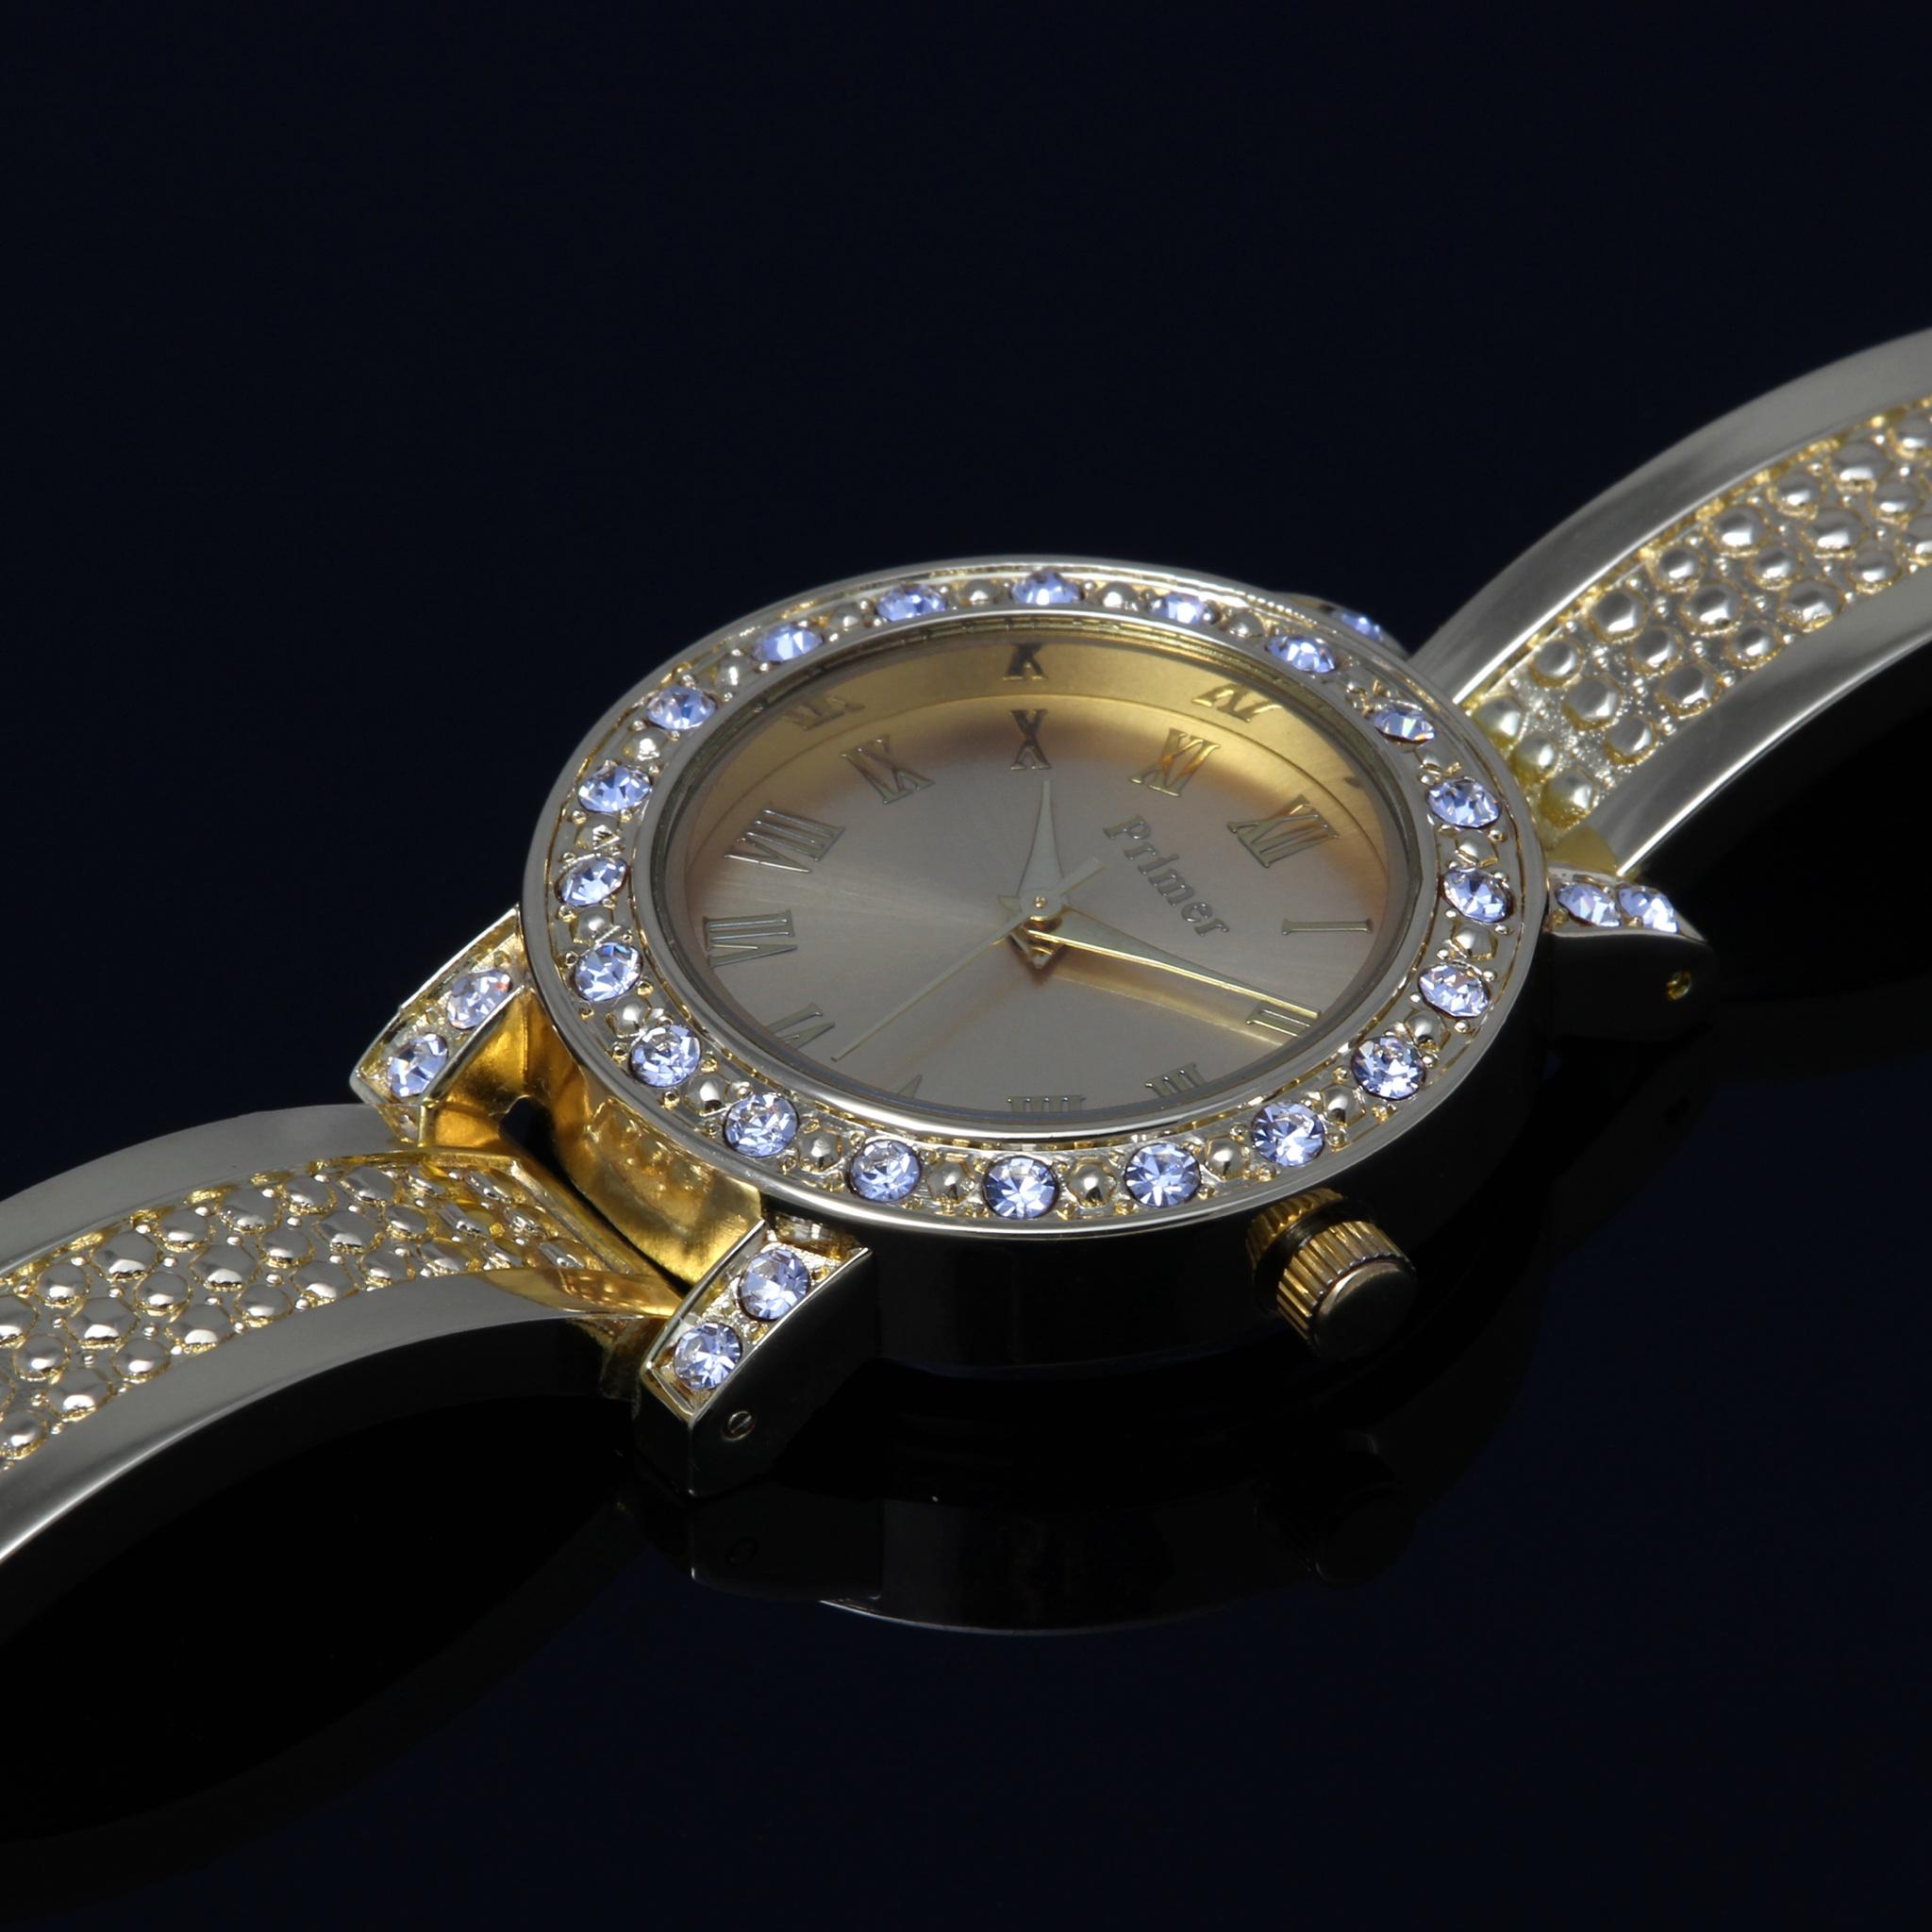 ساعت مچی عقربه ای زنانه پرایمر مدل PR-5021GG              ارزان